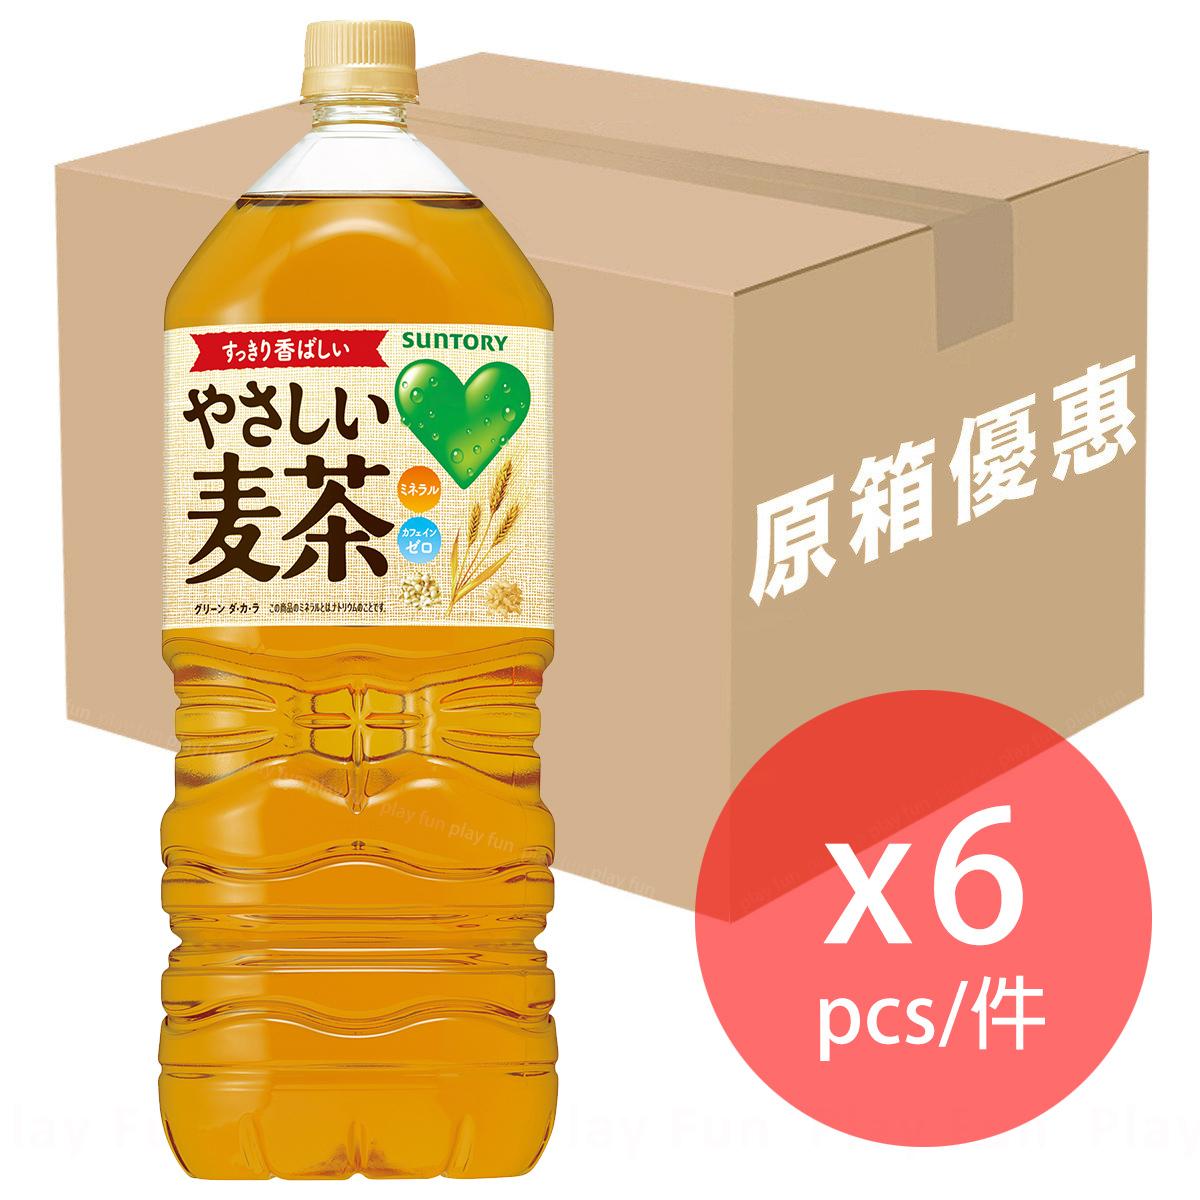 【原箱優惠】[日本版] 麥茶  2L x 6支  (4901777254763_6)